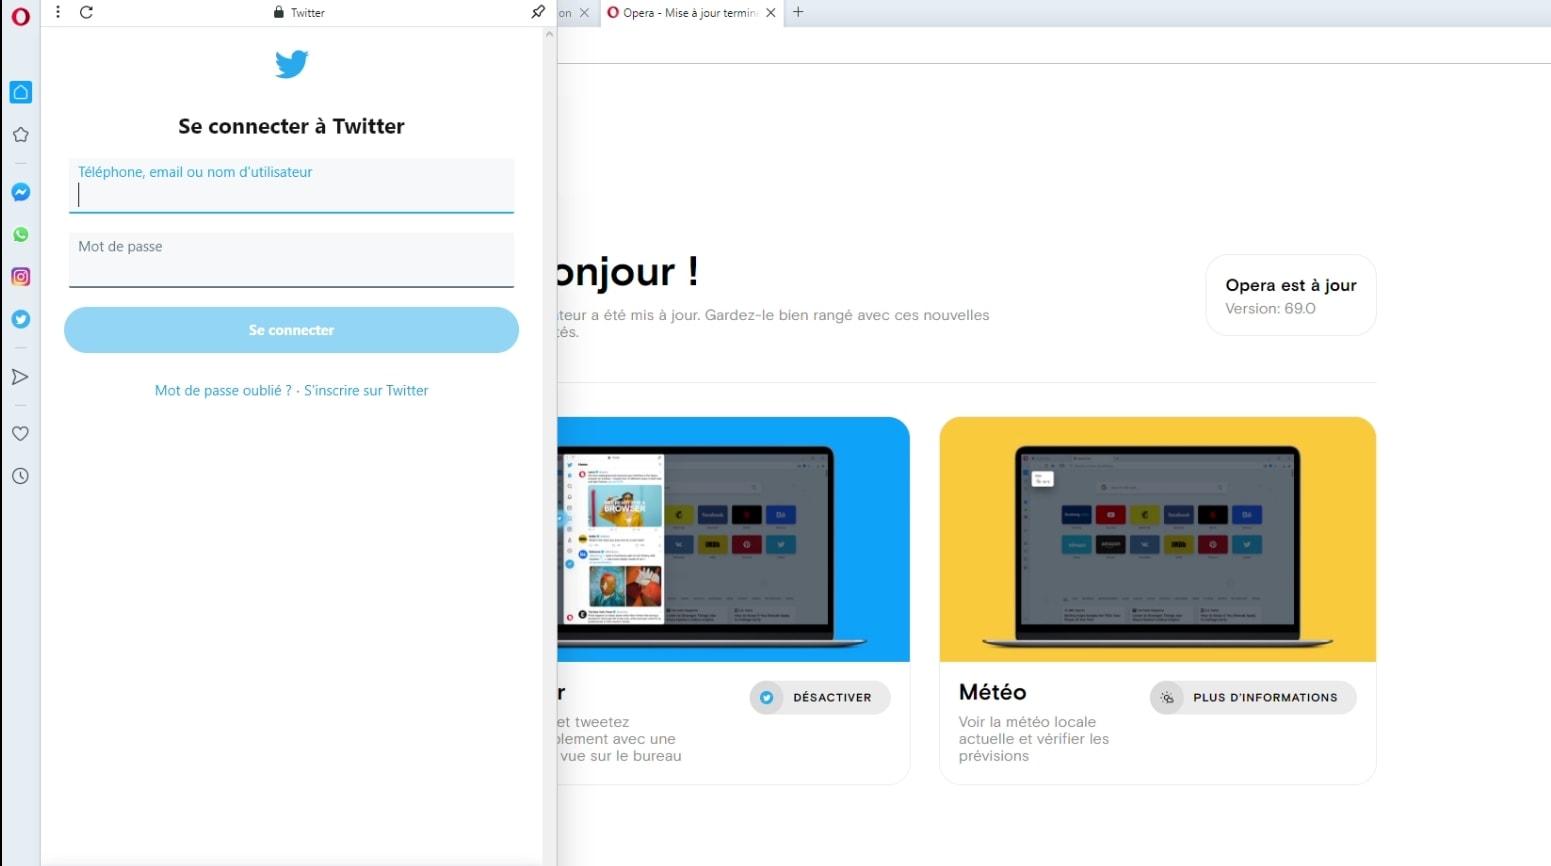 La nouvelle version du navigateur Opera ajoute Twitter dans sa barre d'outils